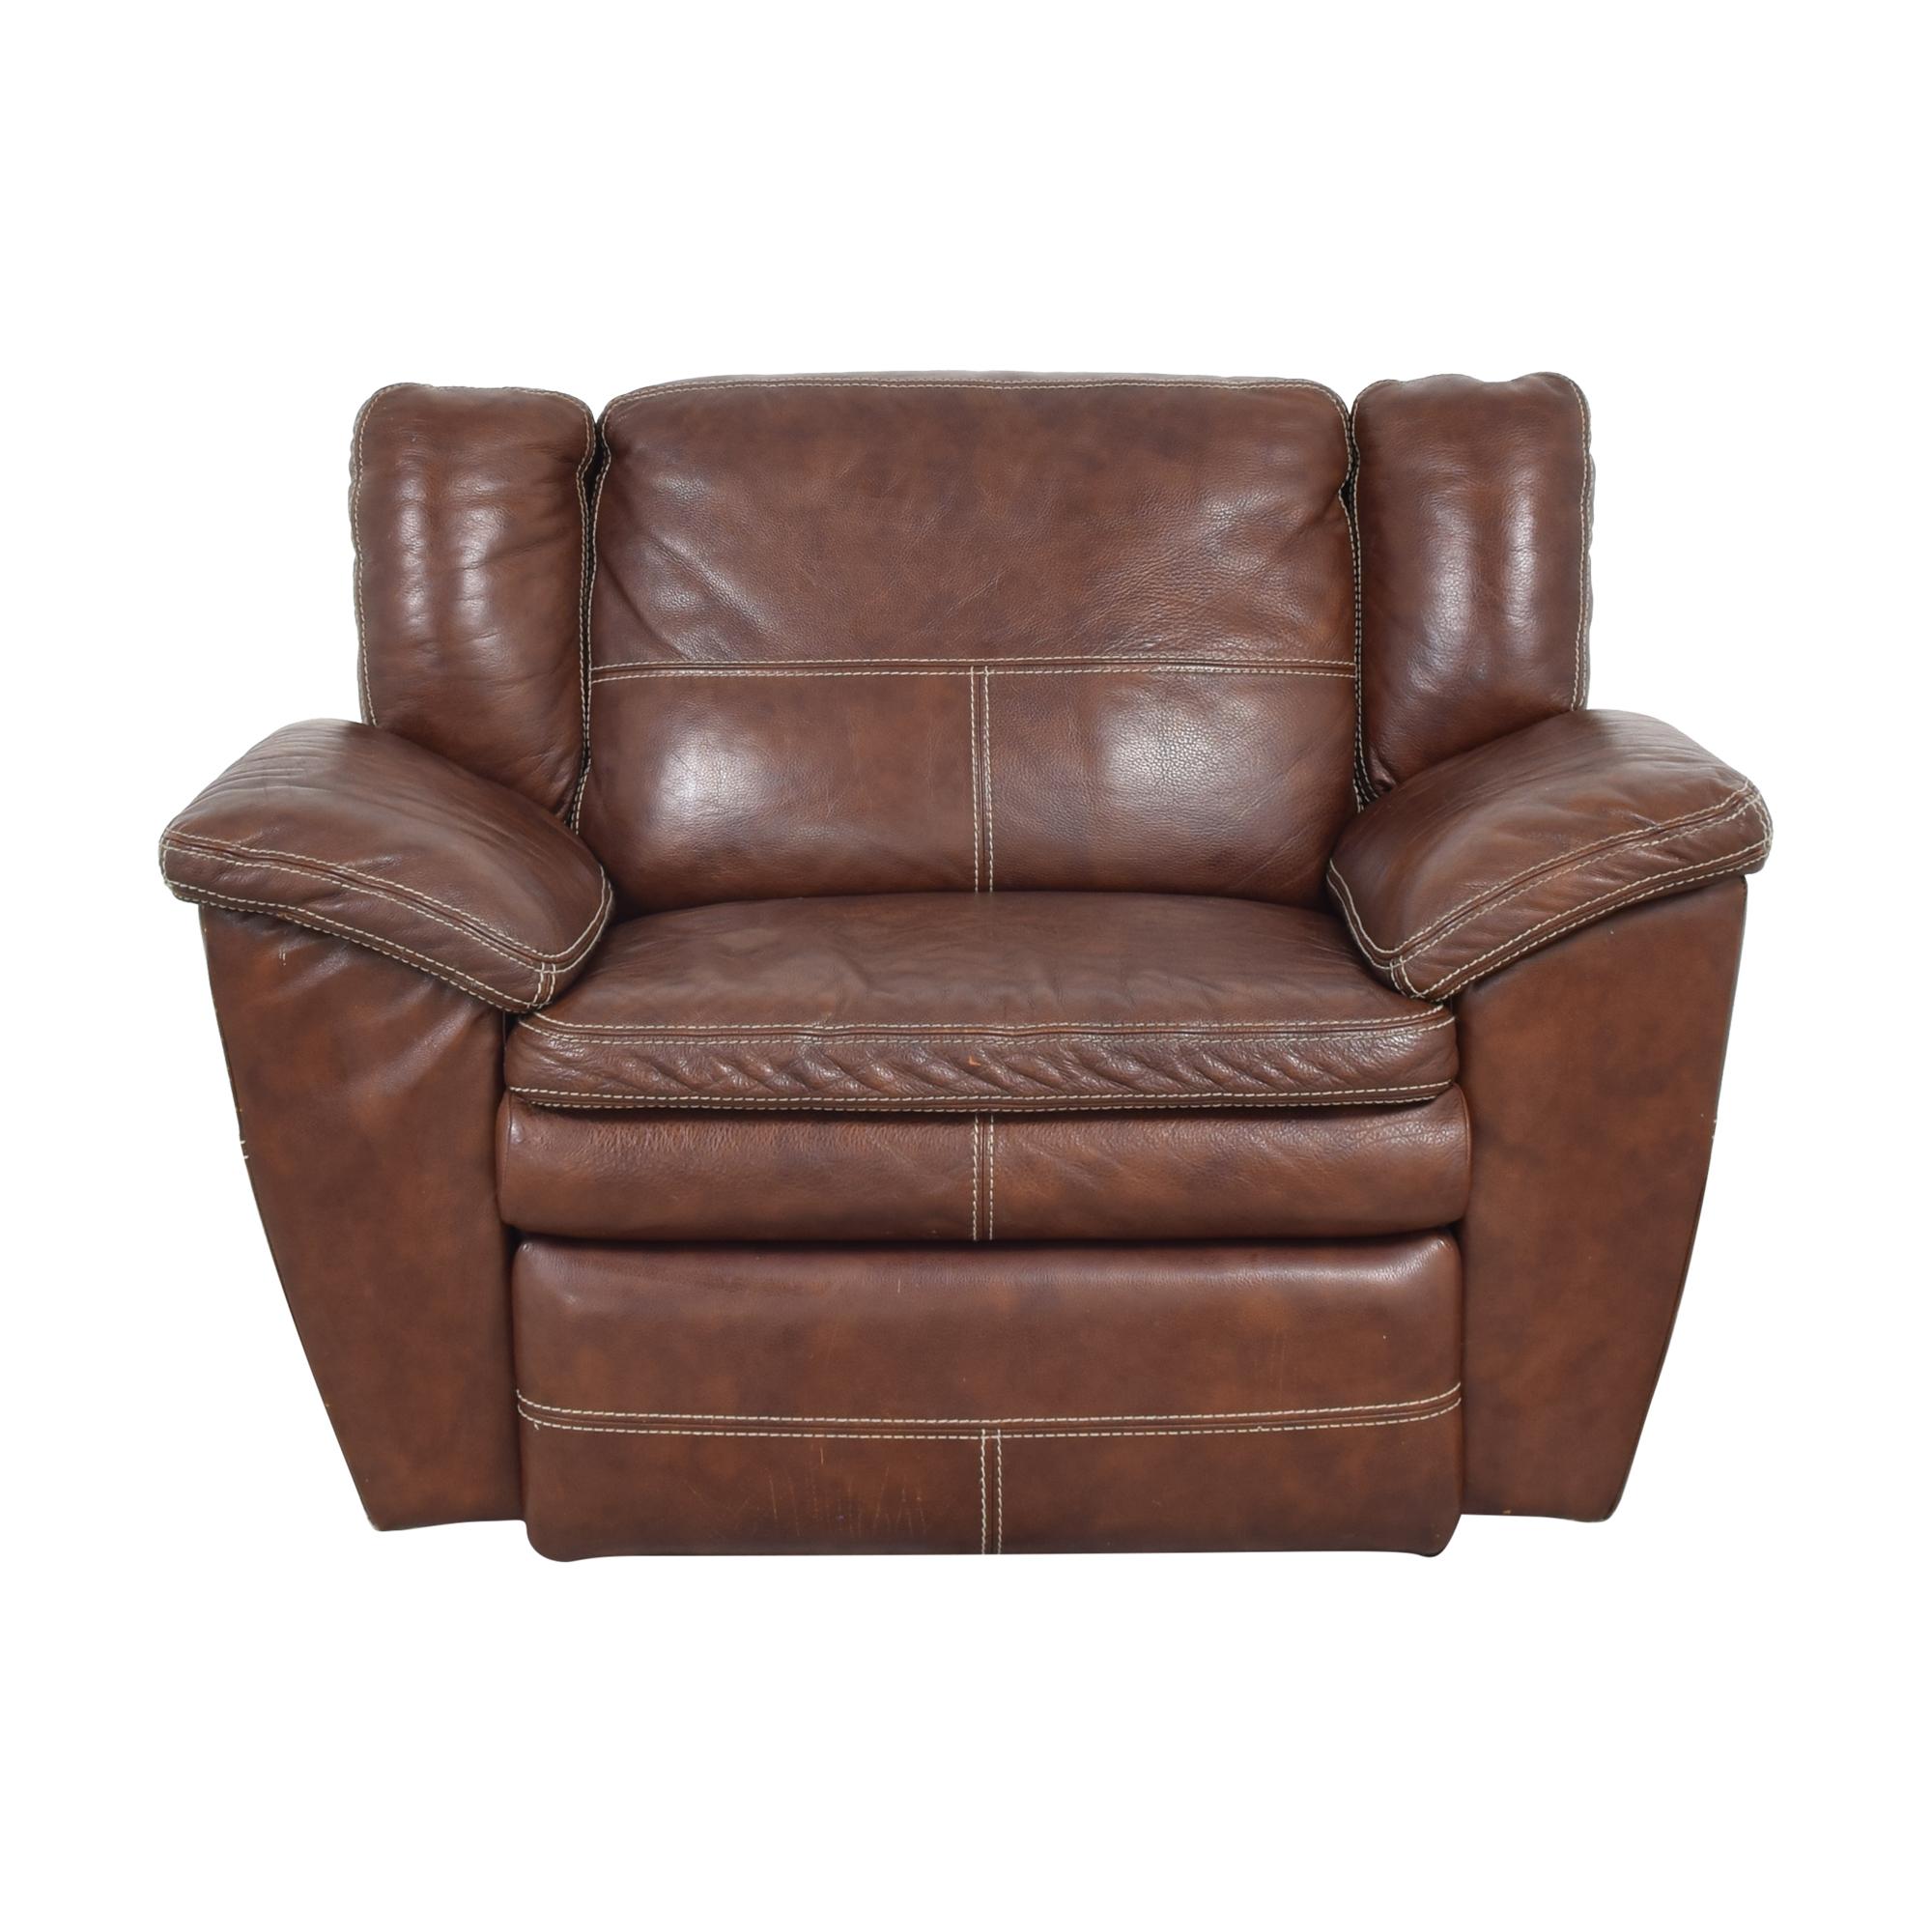 shop La-Z-Boy Leather Recliner Chair La-Z-Boy